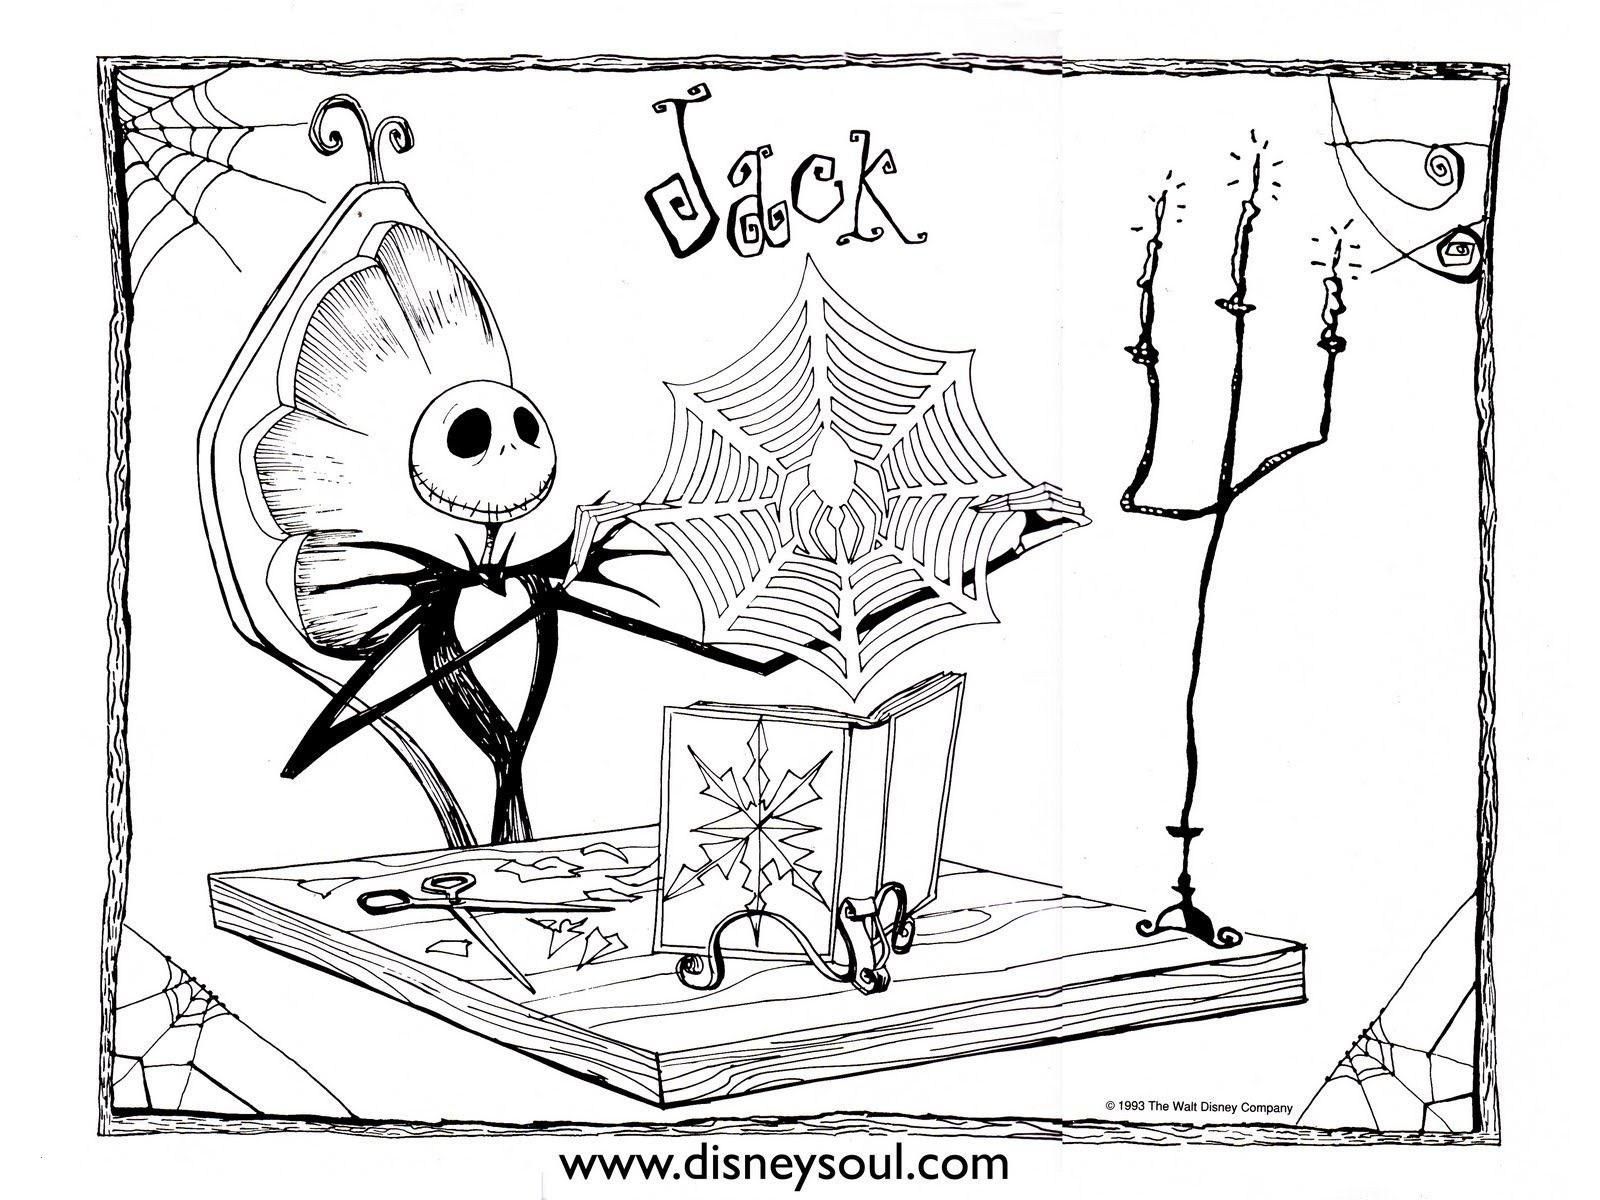 Ausmalbilder Weihnachten Disney Inspirierend Malvorlage Xmas Neu Malvorlage A Book Coloring Pages Best sol R Bild